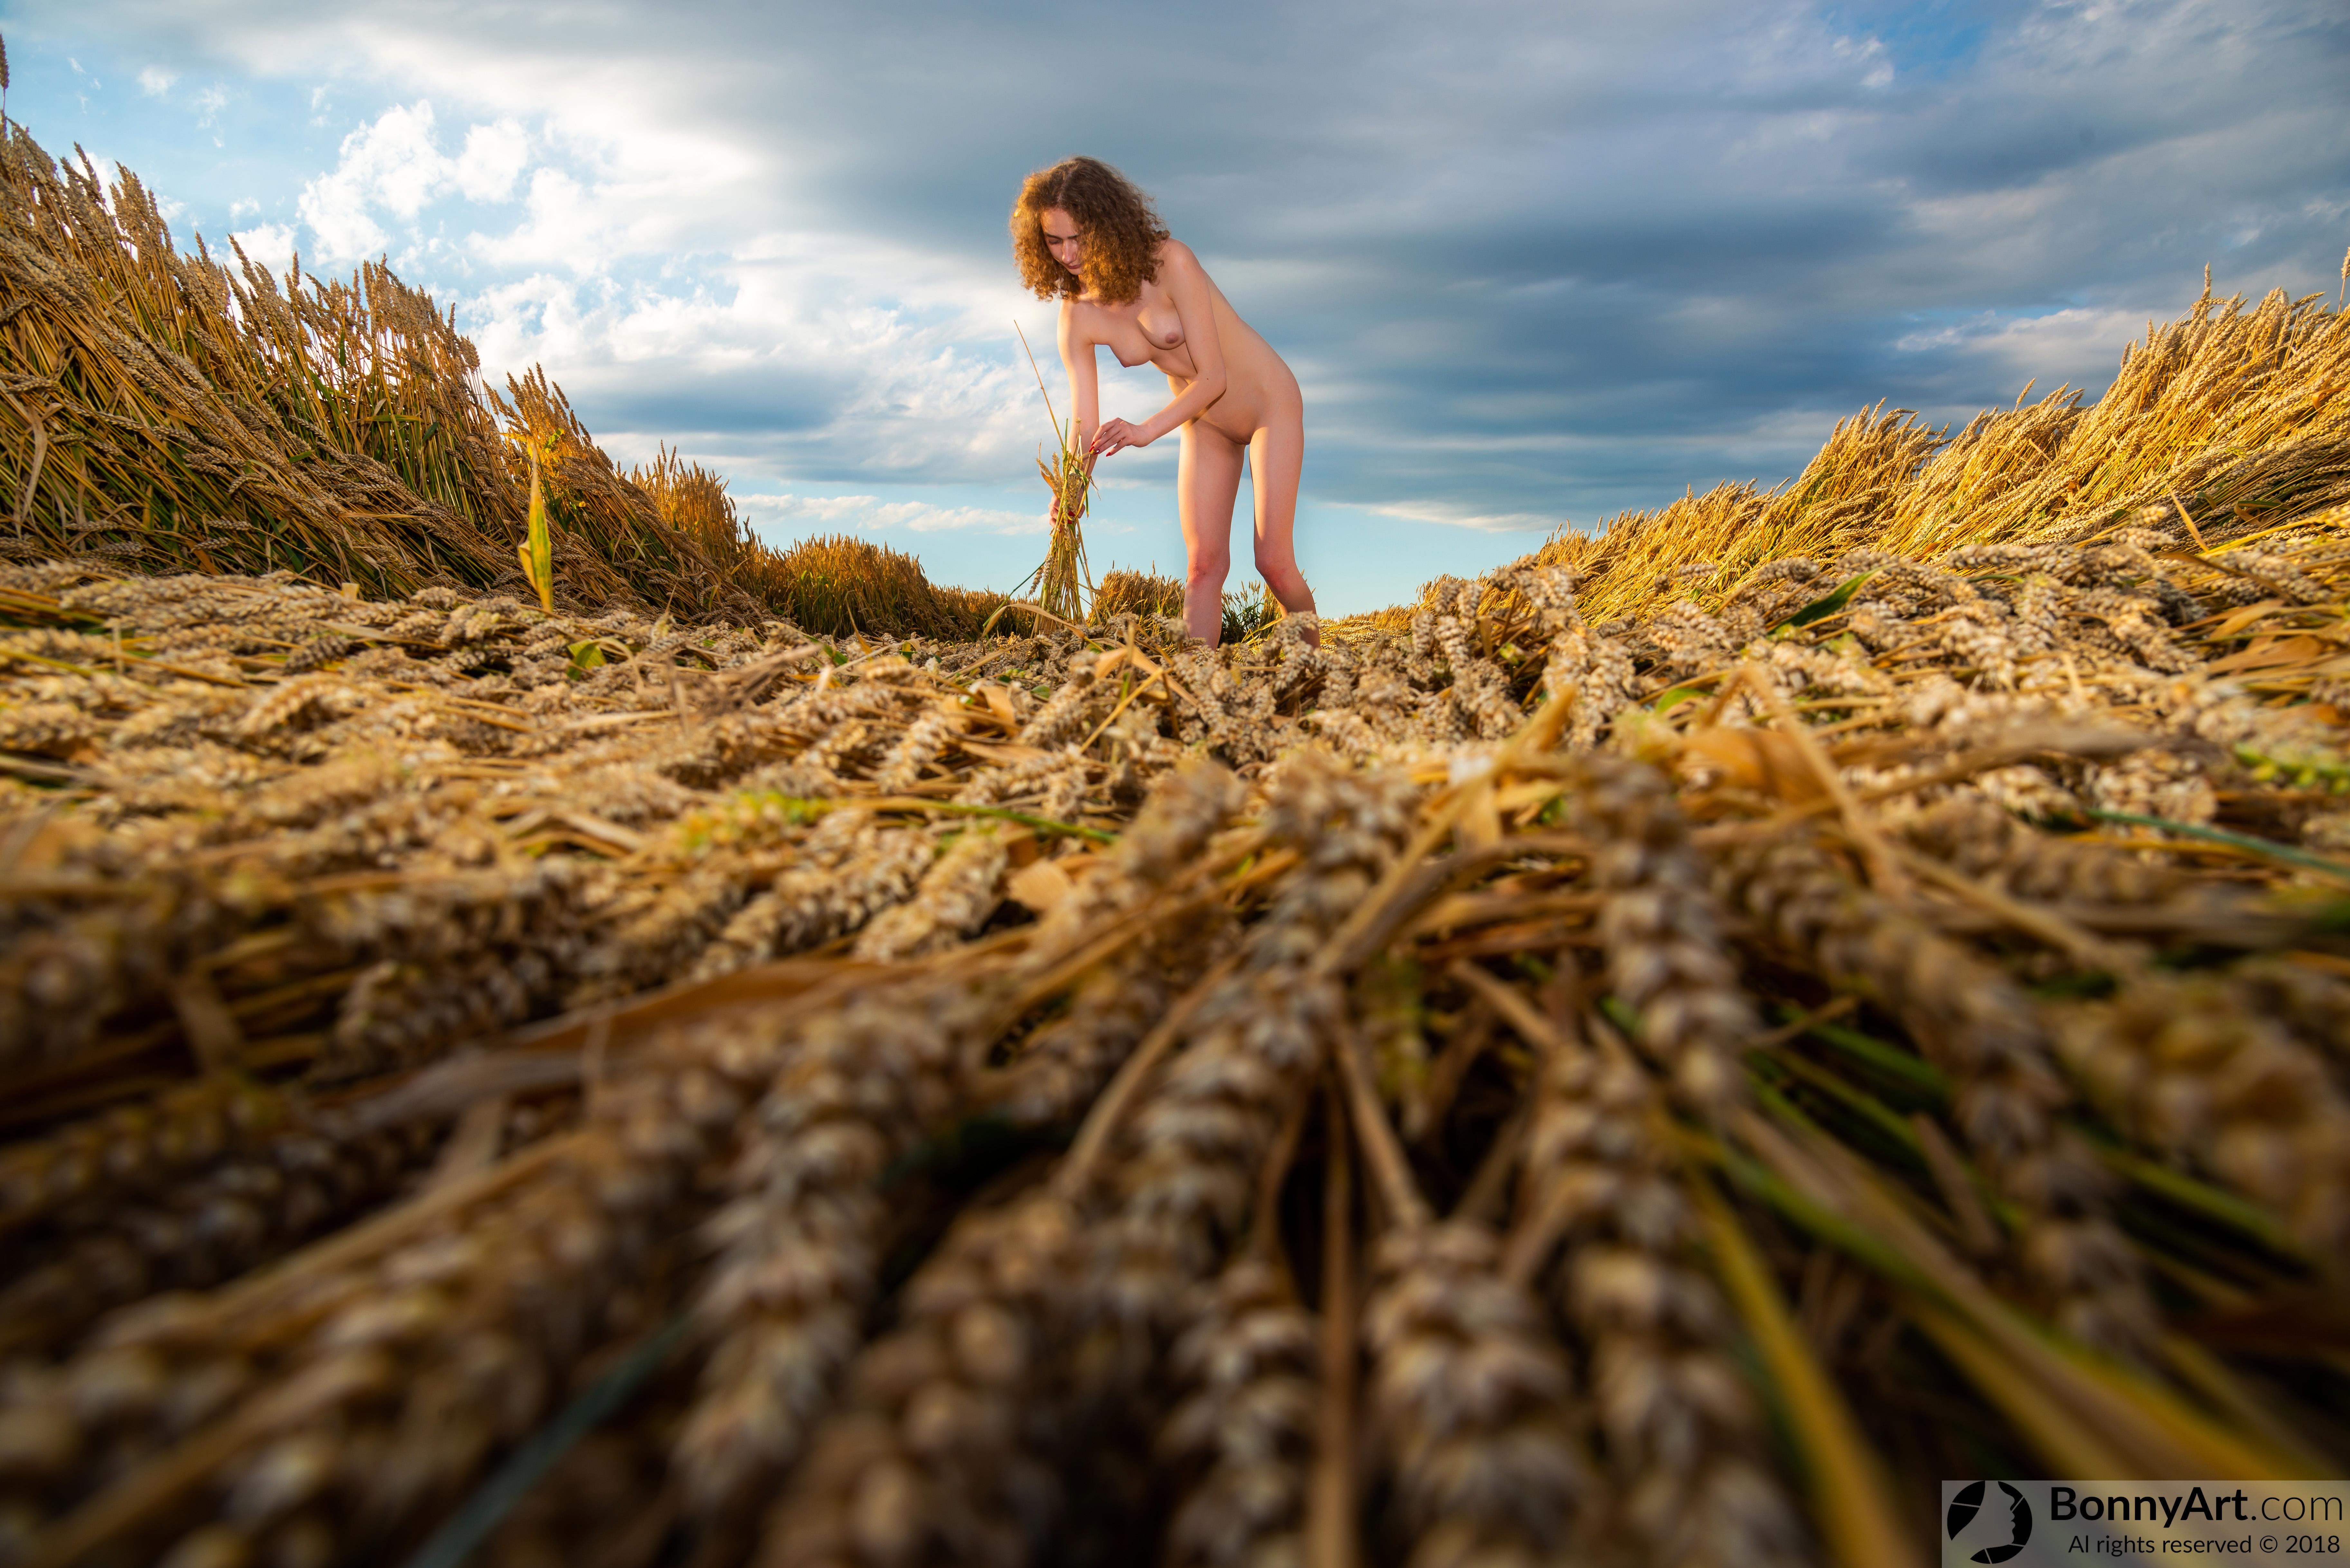 Nude Teen Girl Harvesting Wheat Crop HD